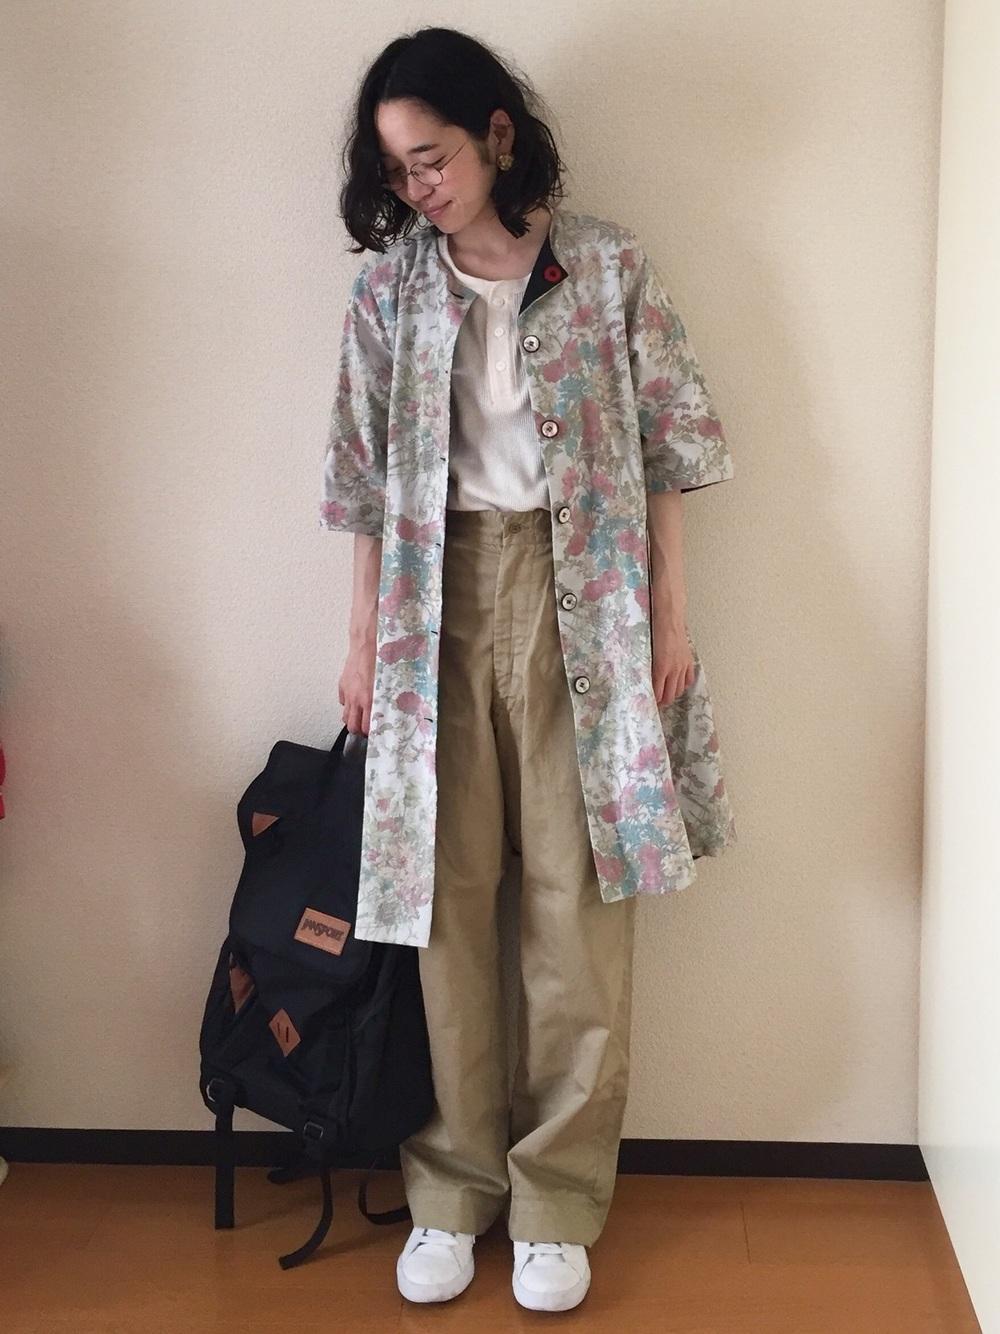 ボタン使いのHanes(ヘインズ)Tシャツも組み合わせ次第でキュートな印象に♪爽やかな印象のフラワーワンピースが女性らしさを演出してくれます。